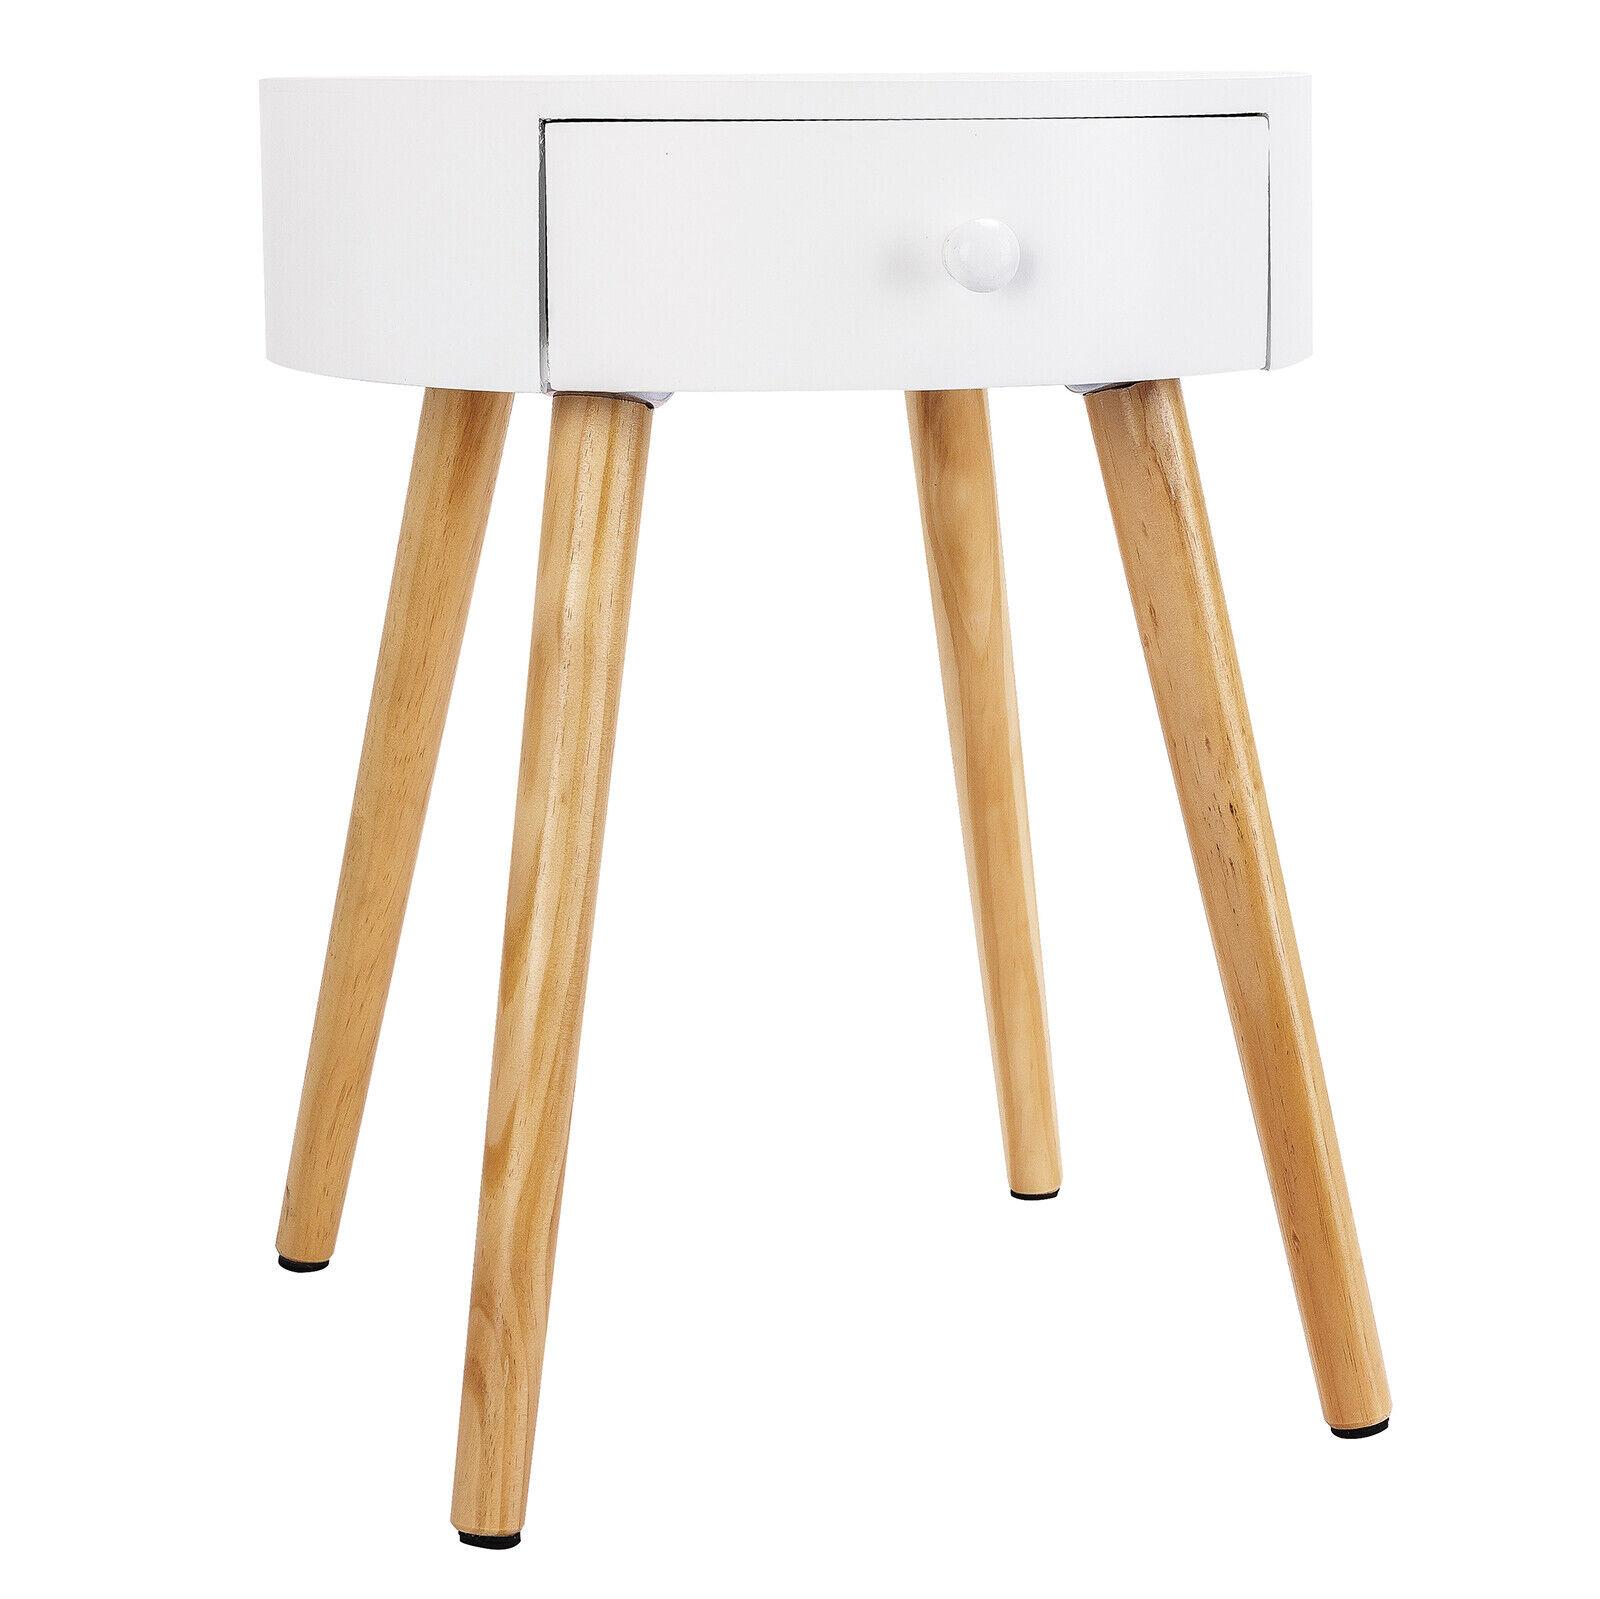 Tisch Nachttisch Nachtkommode Beistelltisch mit Stauraum Holz Weiß TS51ws-1